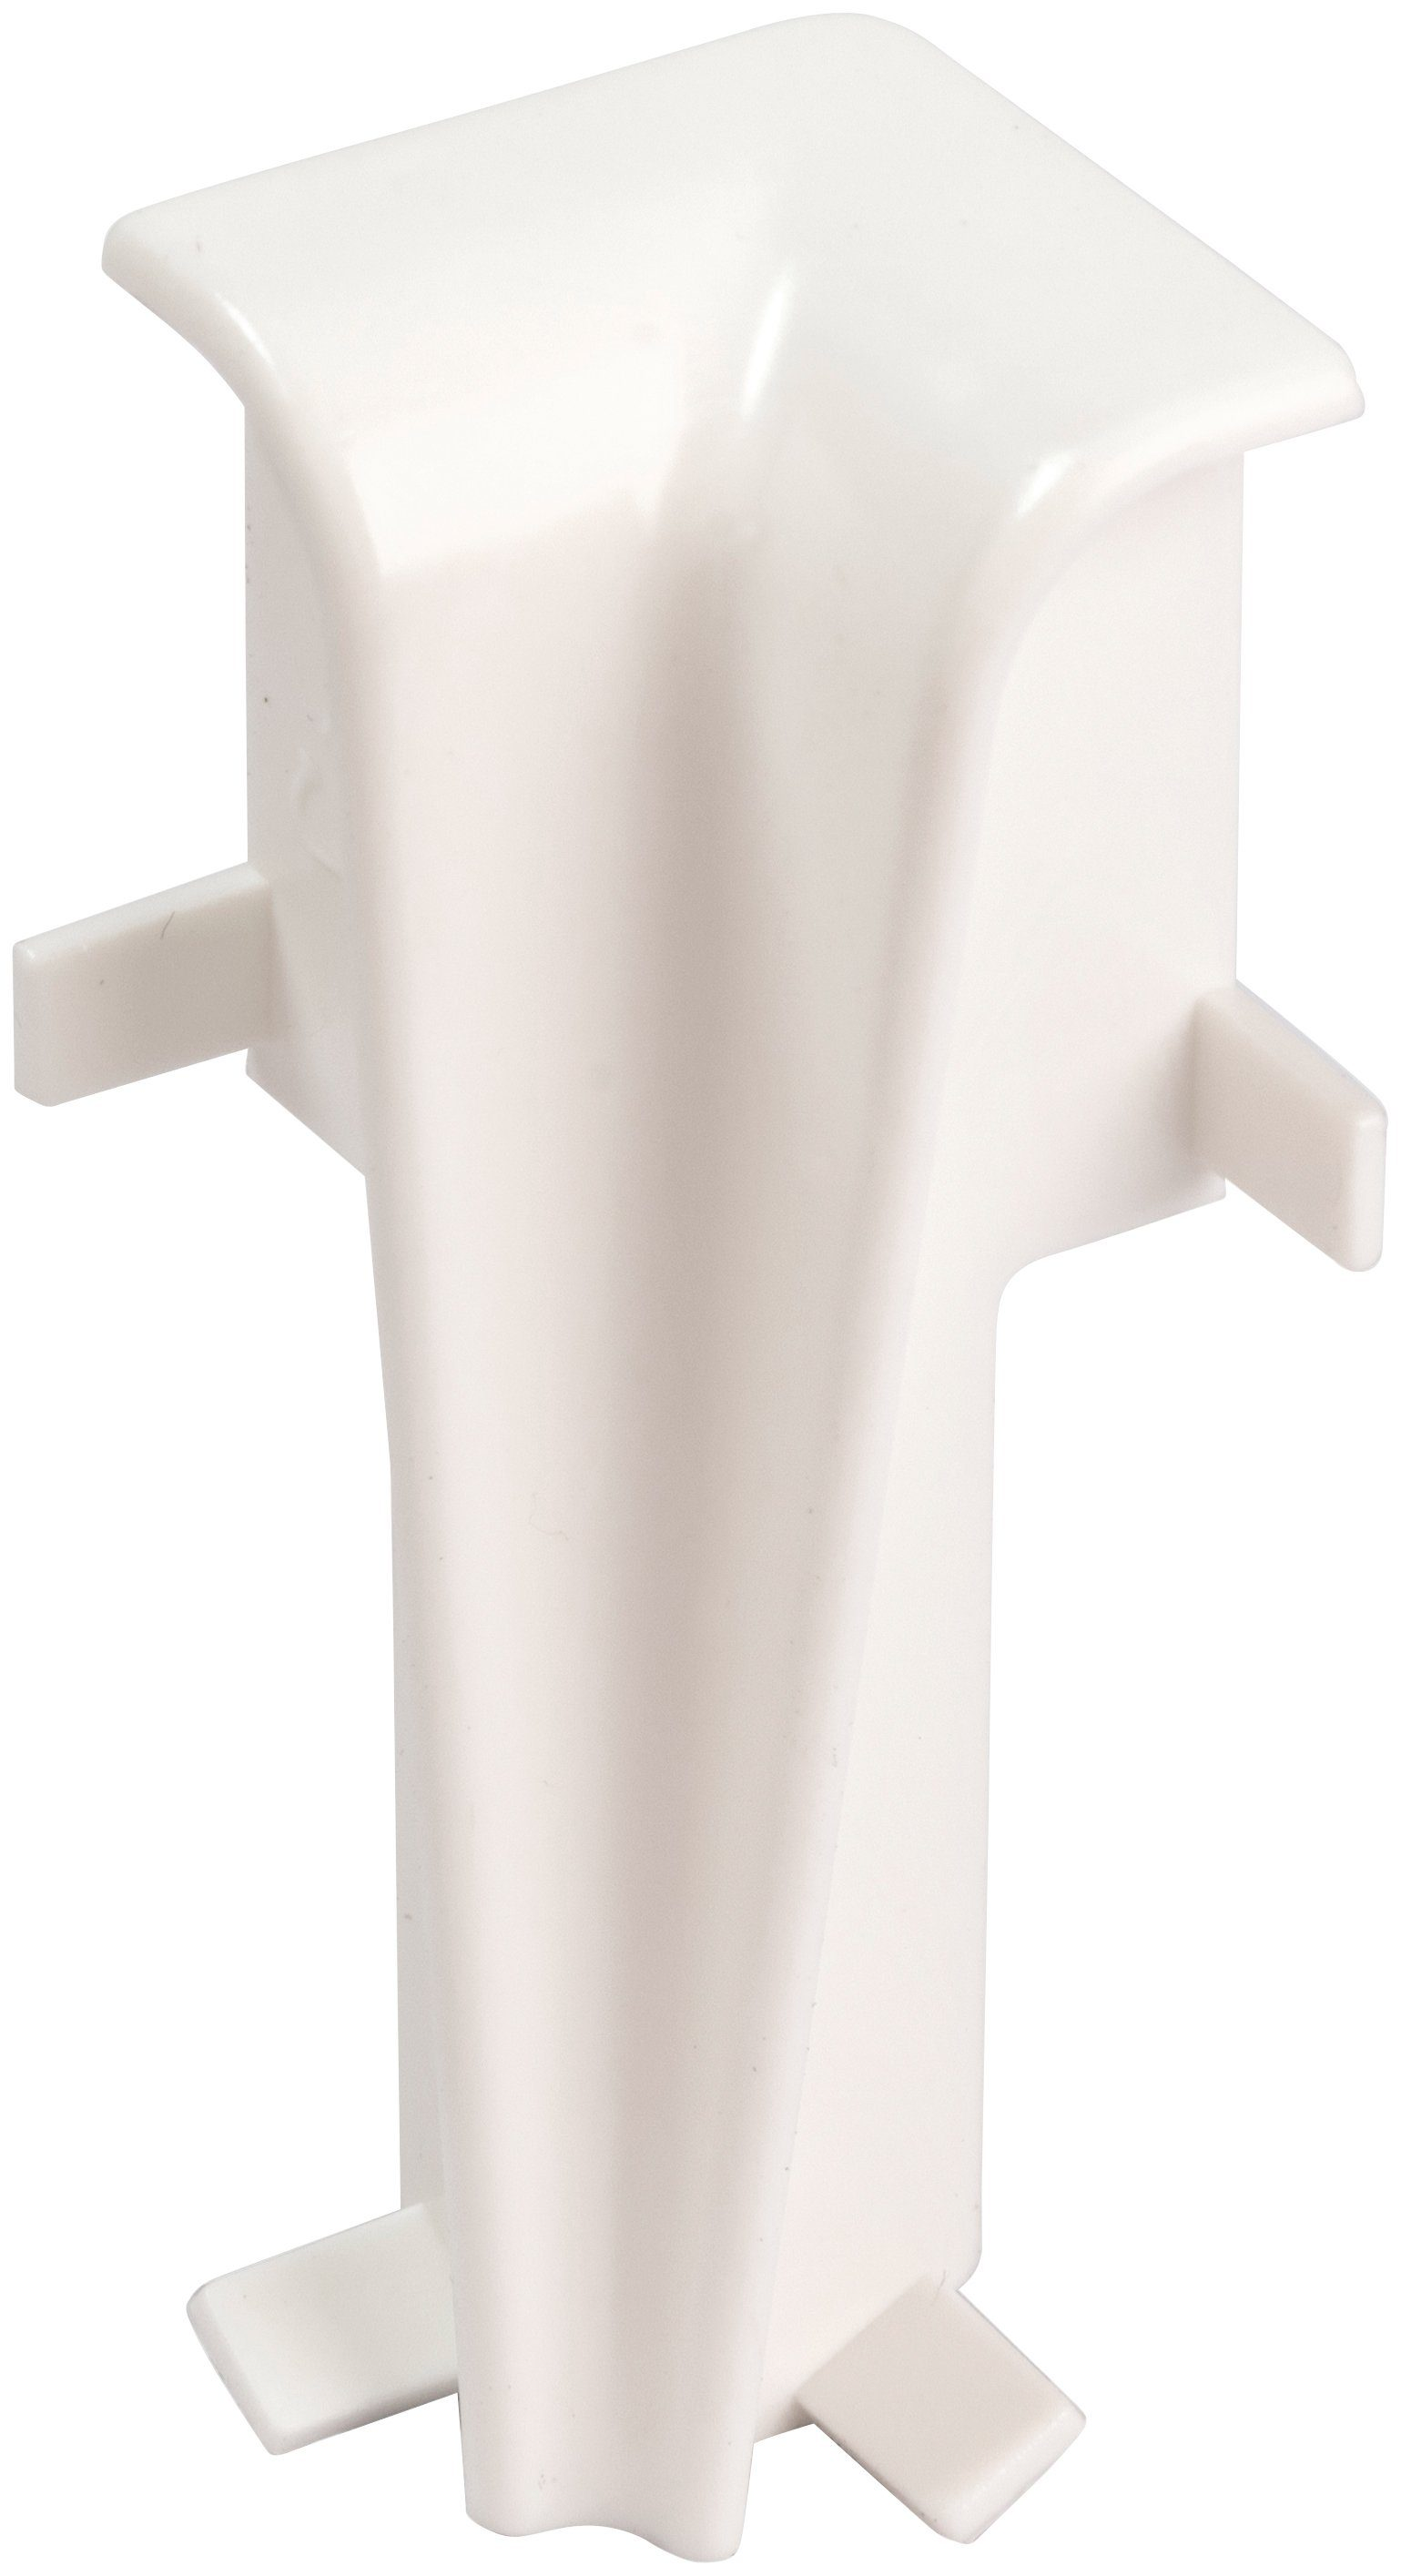 EGGER Innenecken »Universal weiß«, für 6 cm EGGER Sockelleiste